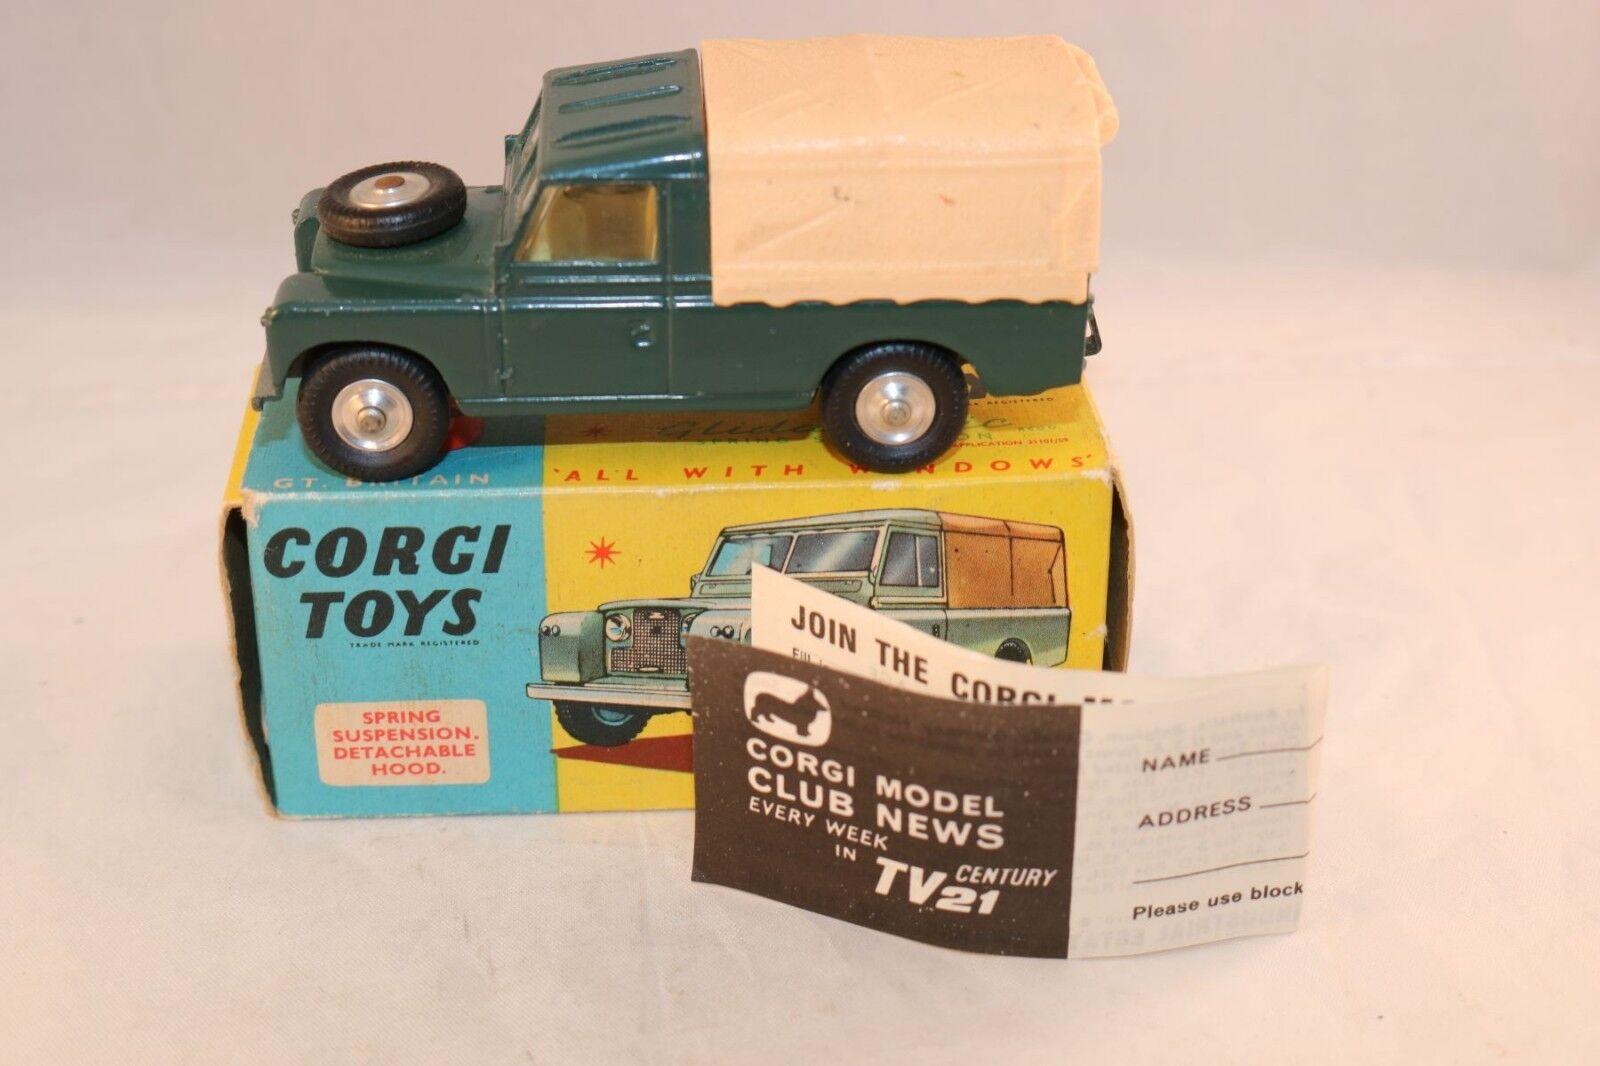 Precio por piso Corgi Juguetes Juguetes Juguetes 438 Land - Rover  Dark verde  difficult colour to find very near mint  tienda hace compras y ventas